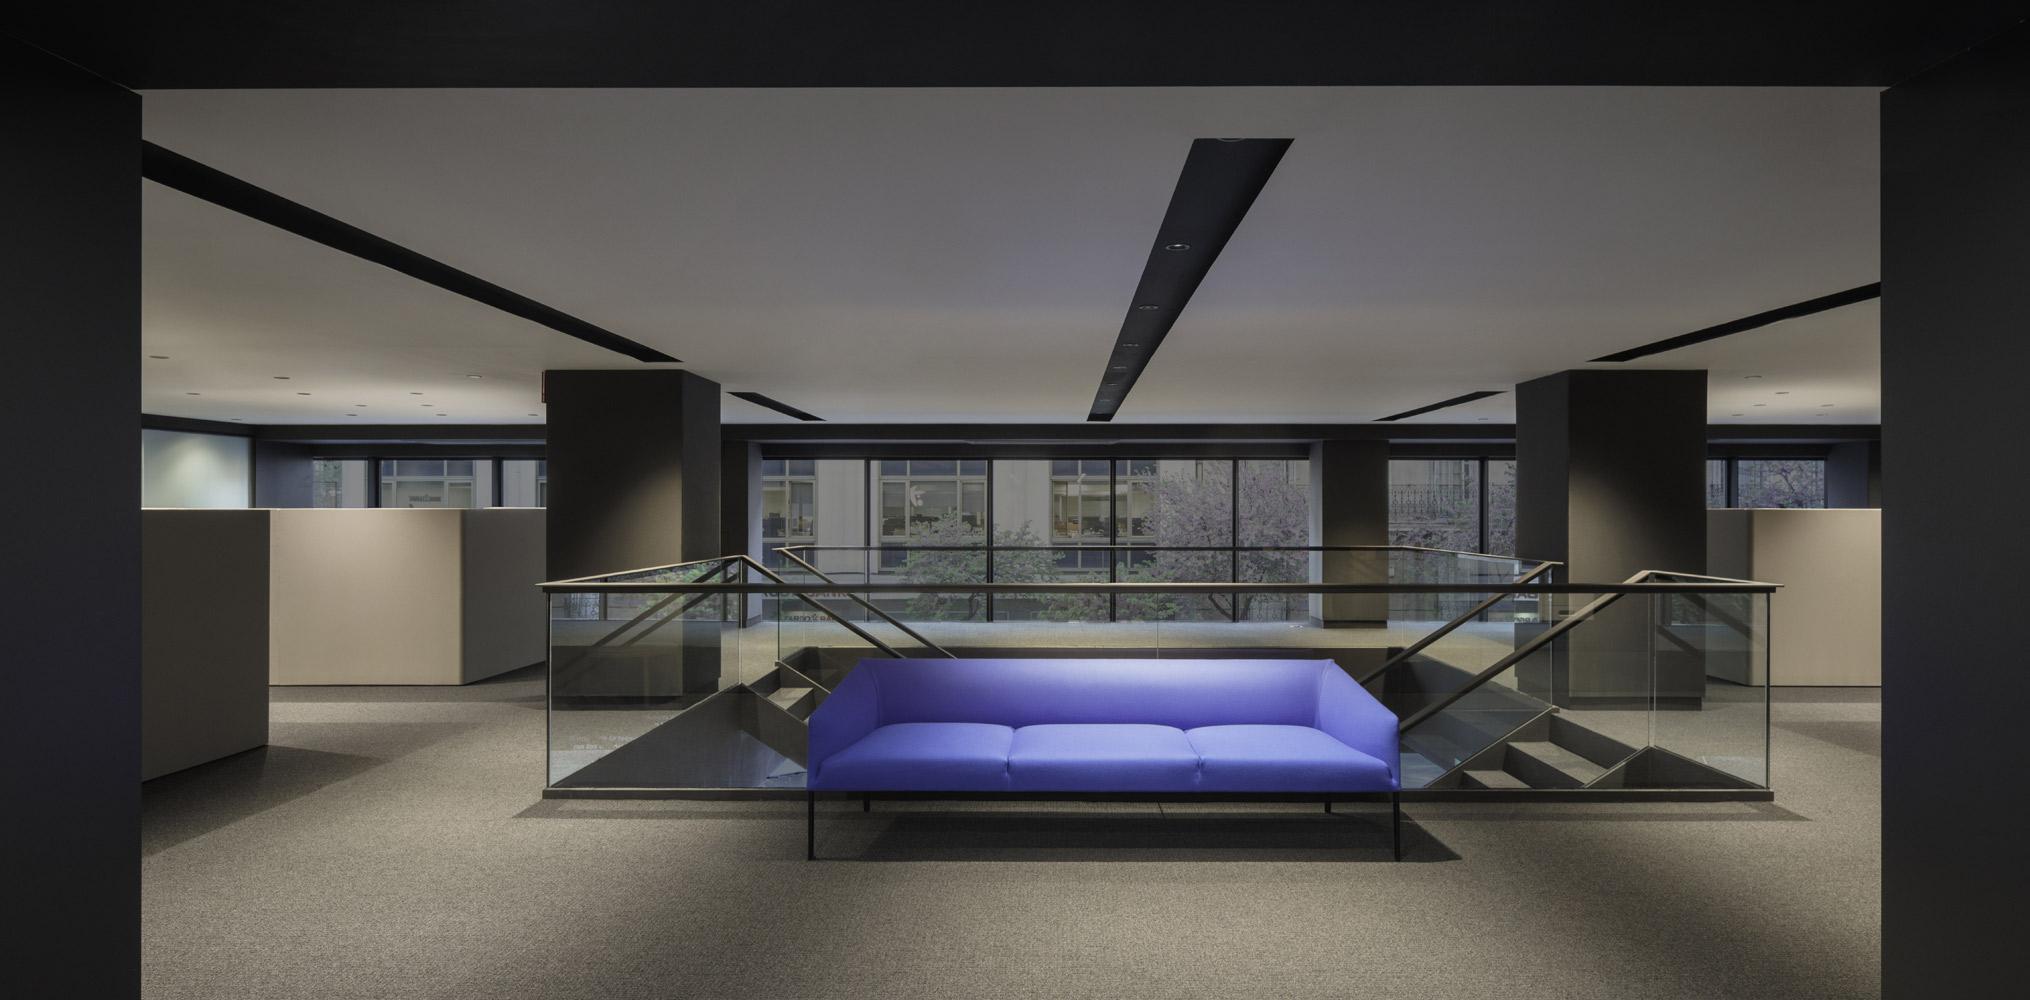 Studio c interior design best home design for Studio c home design